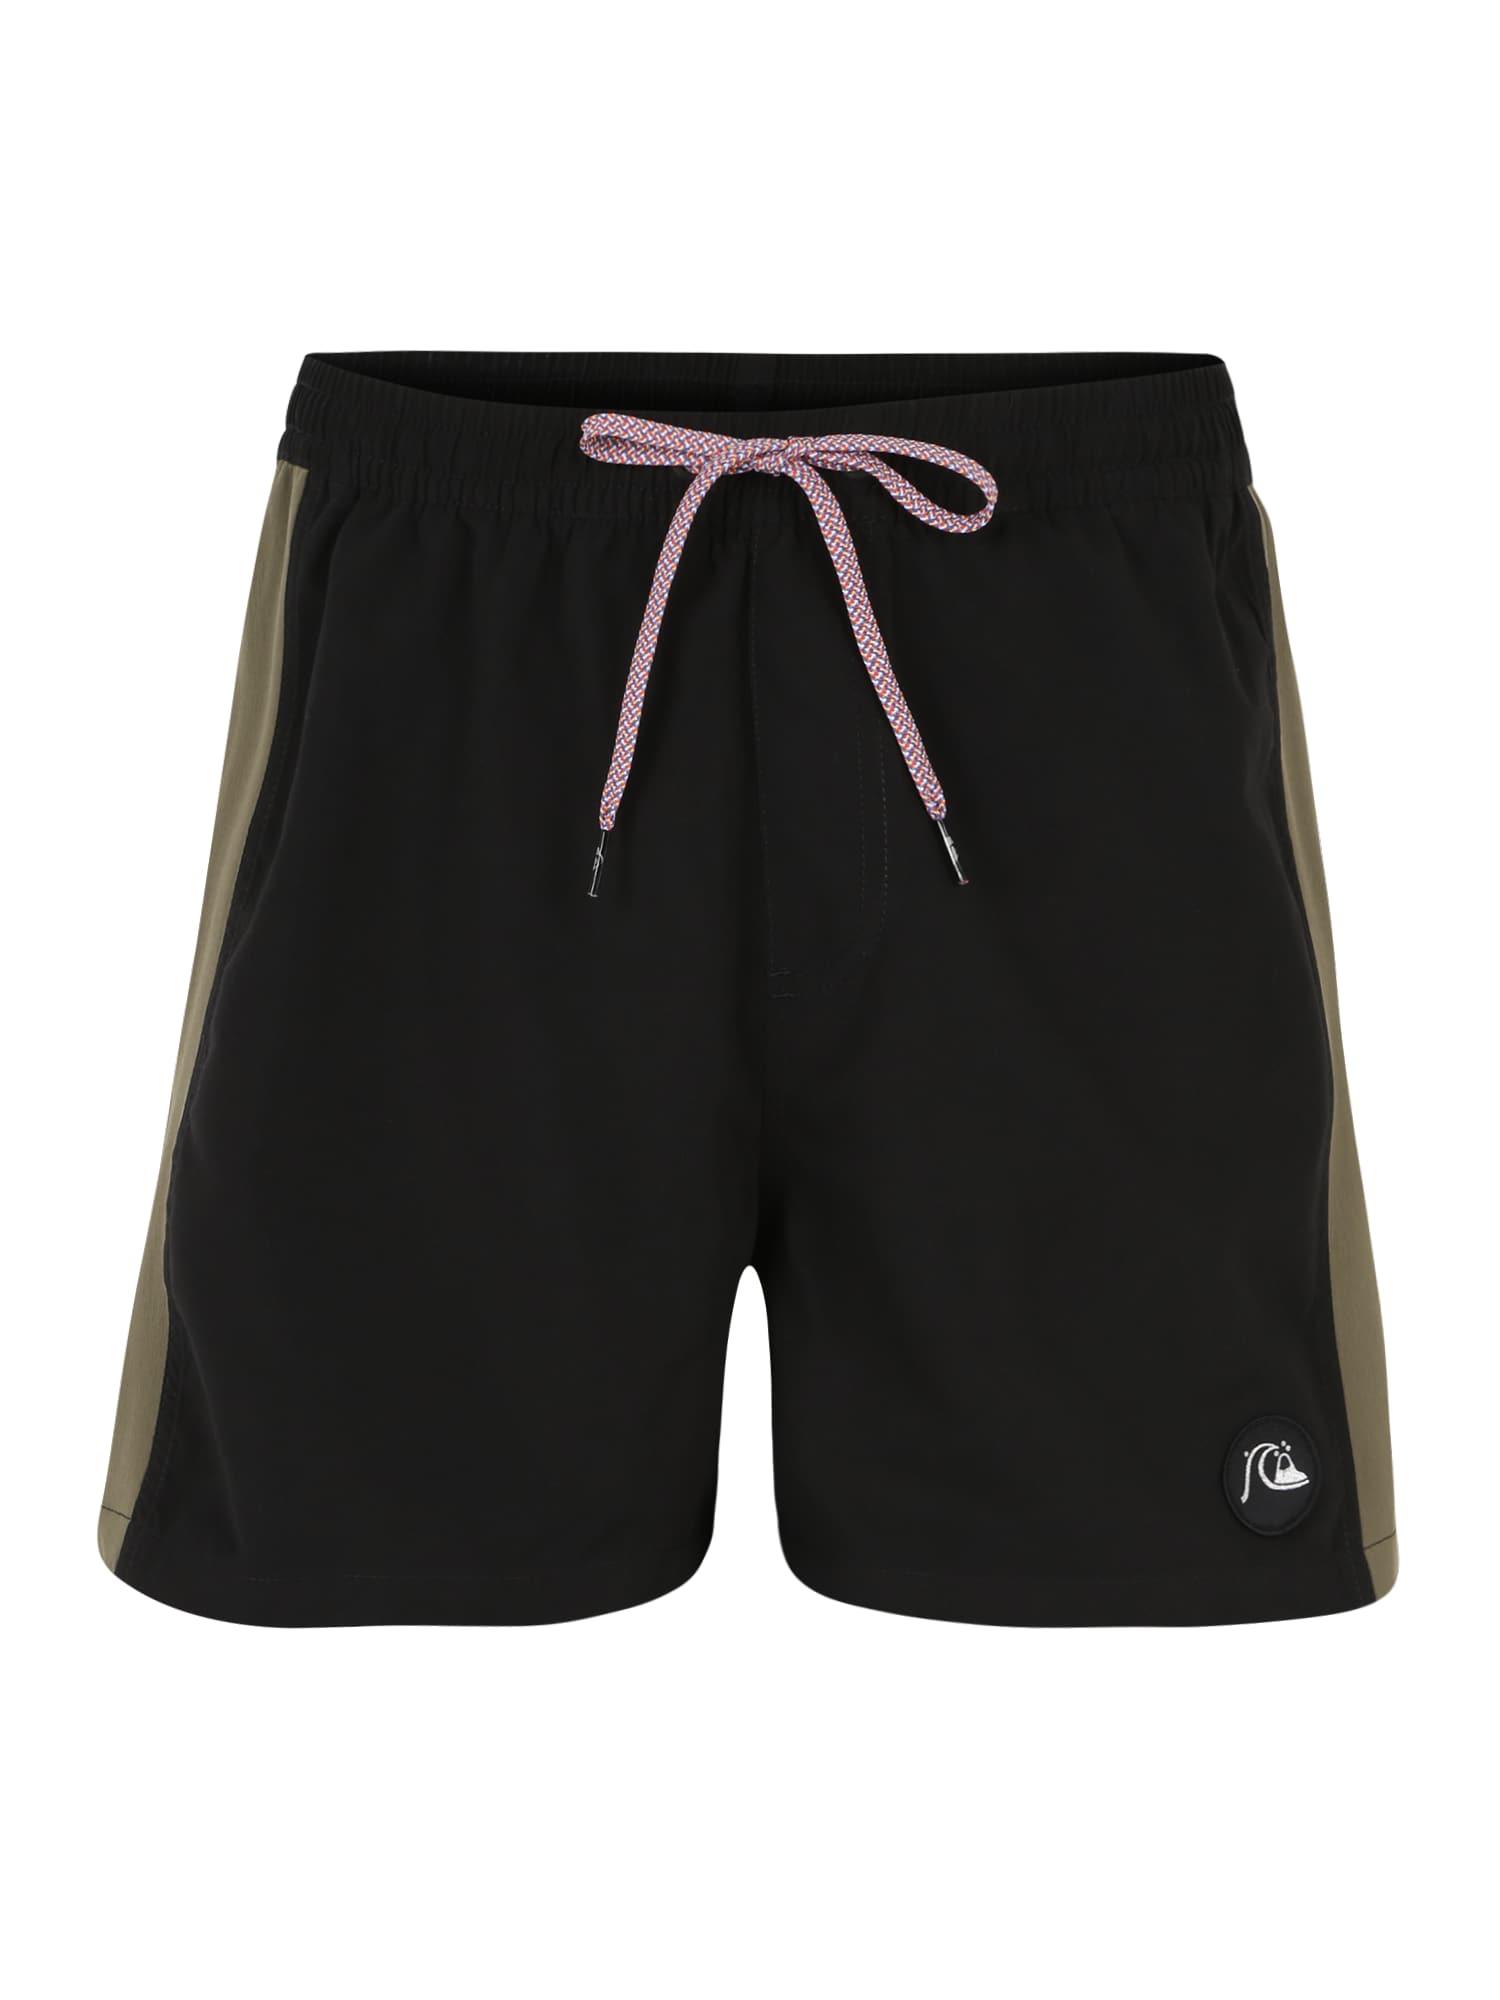 QUIKSILVER Shorts de bain 'ARCHVLY16'  - Noir - Taille: XXL - male